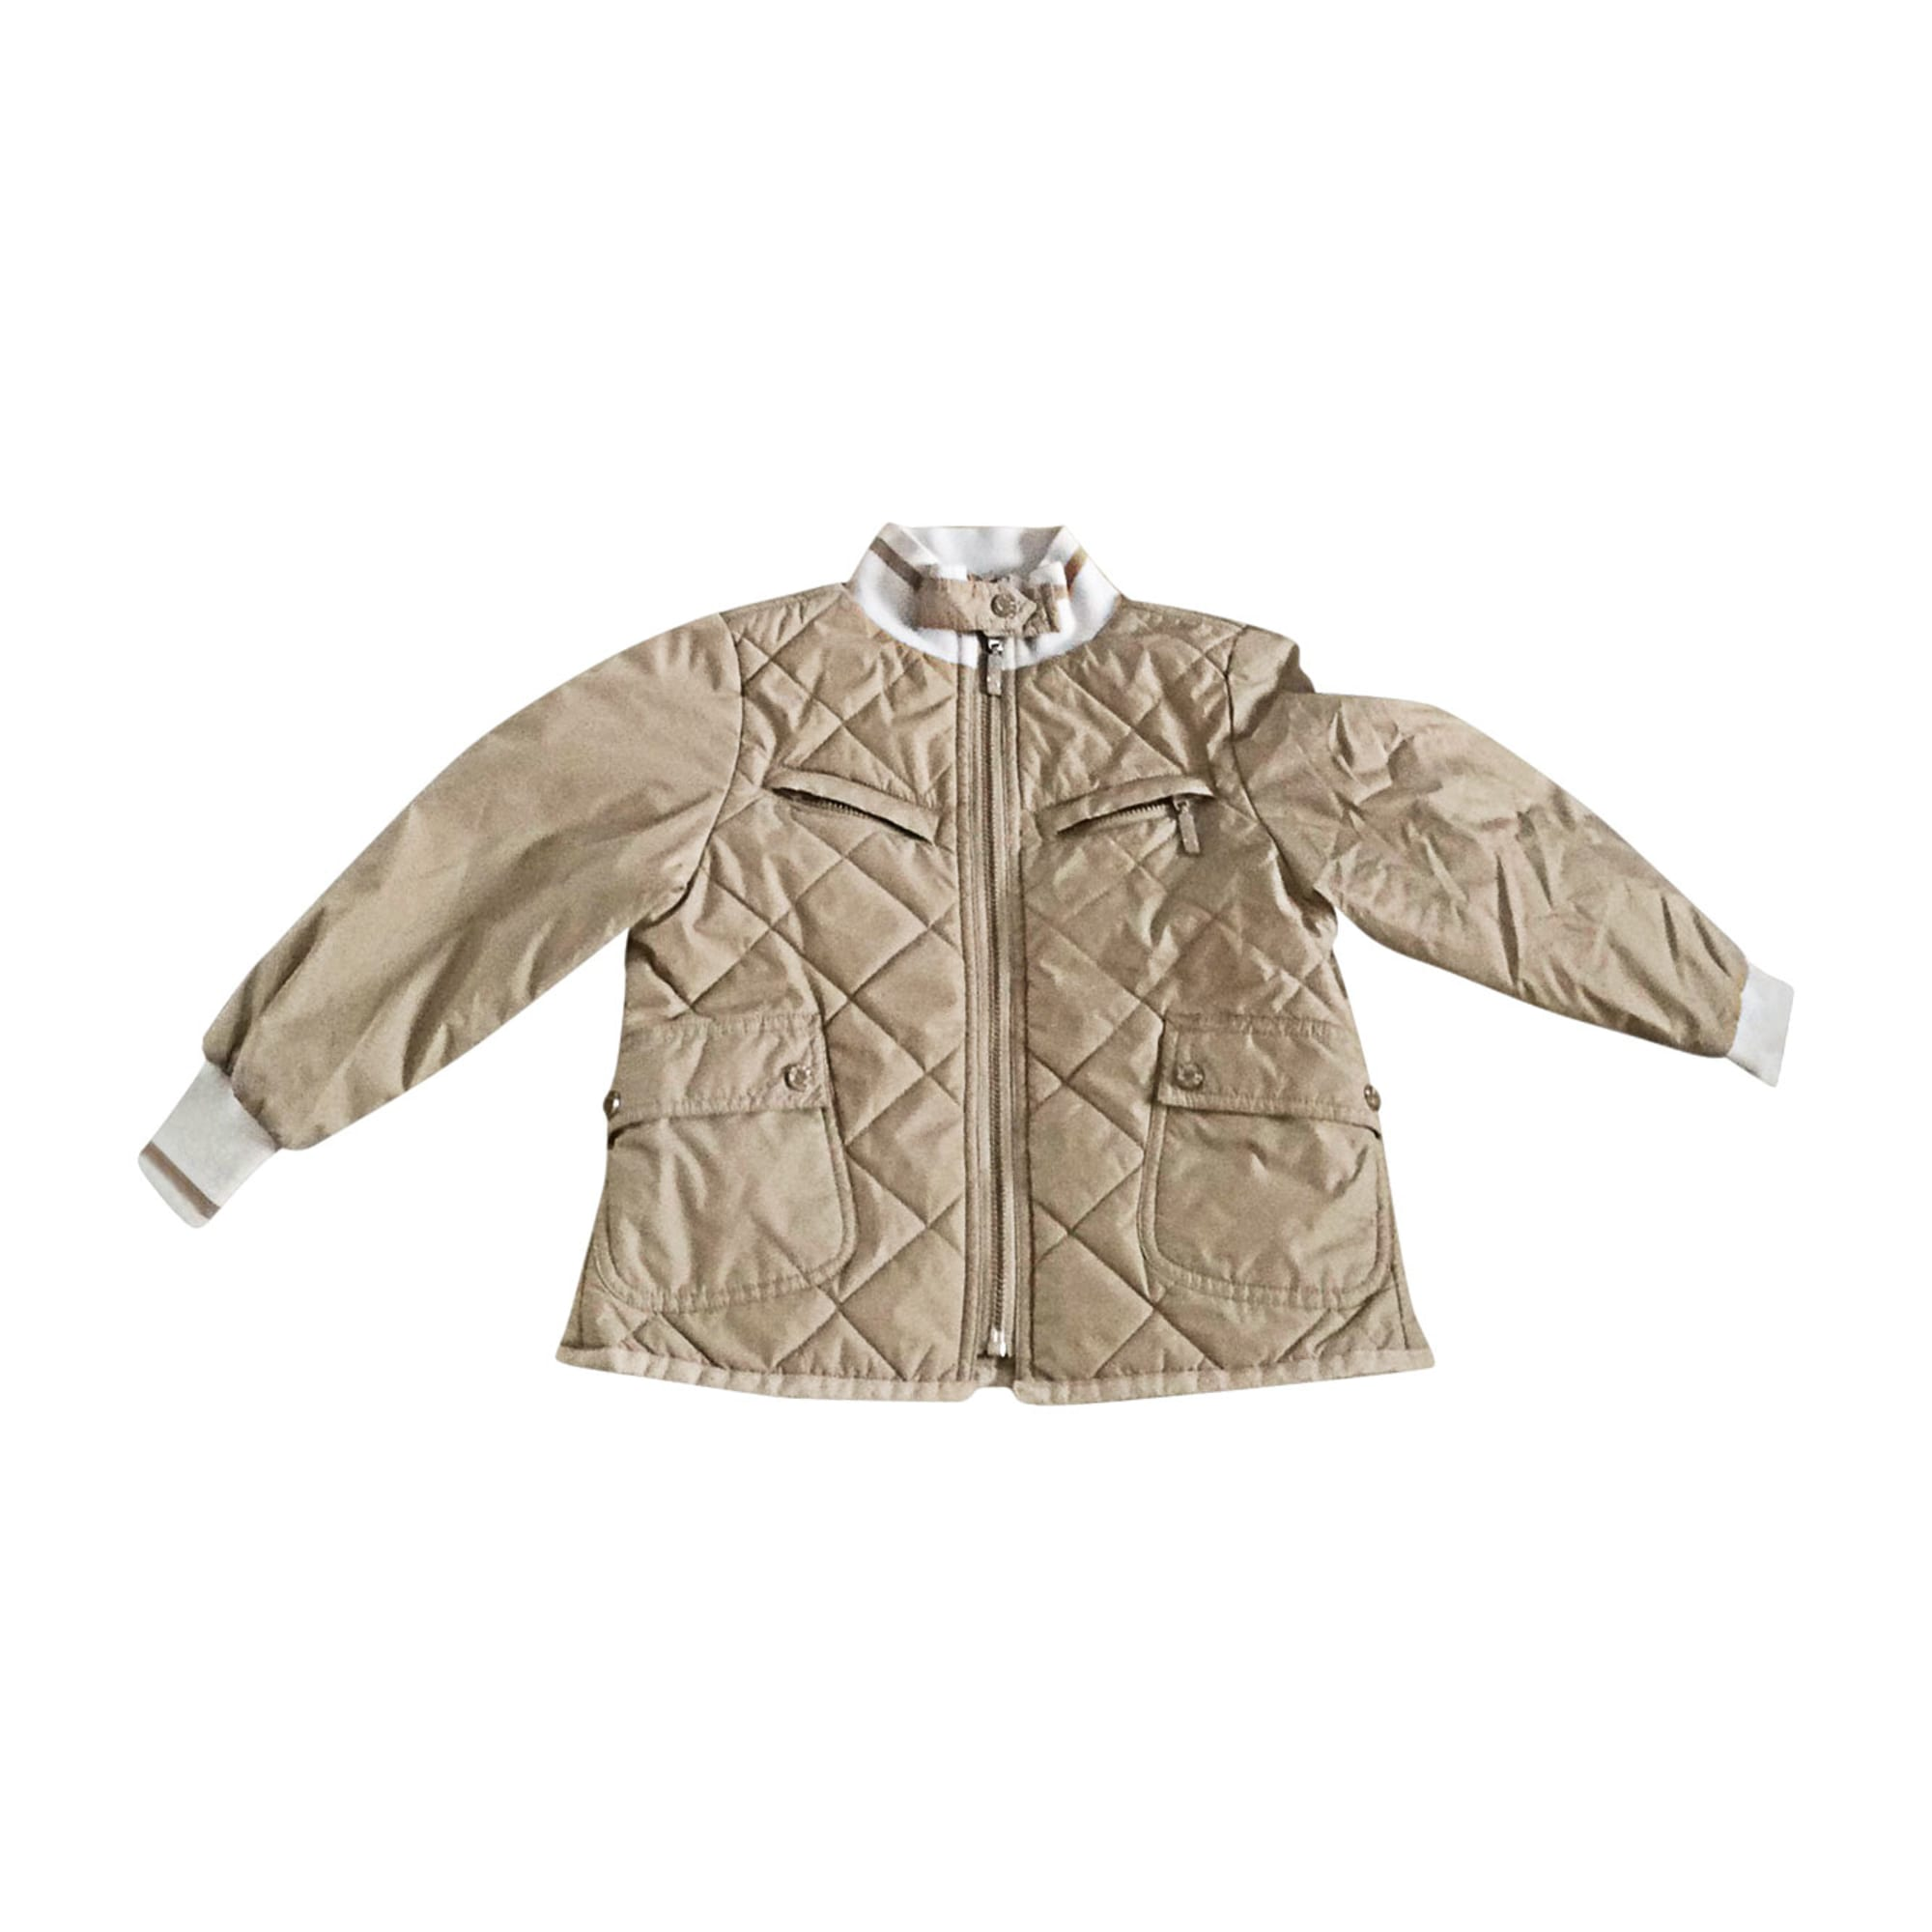 Down Jacket MONCLER Beige, camel